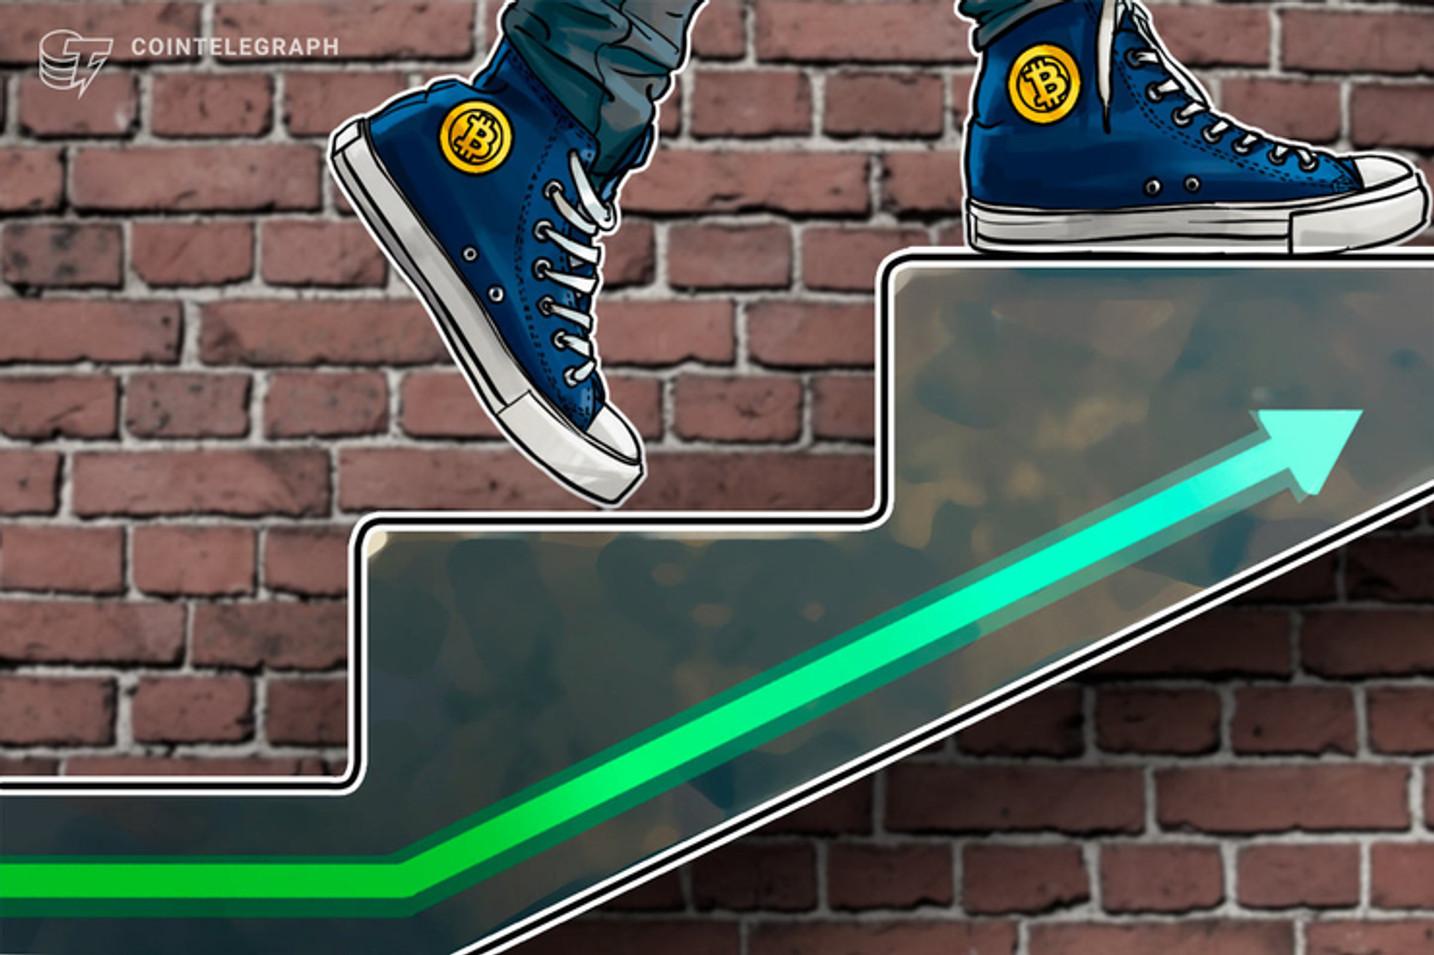 Bilionário de Bitcoin diz que Chainlink lembra o BTC no começo e acredita em alta da altcoin